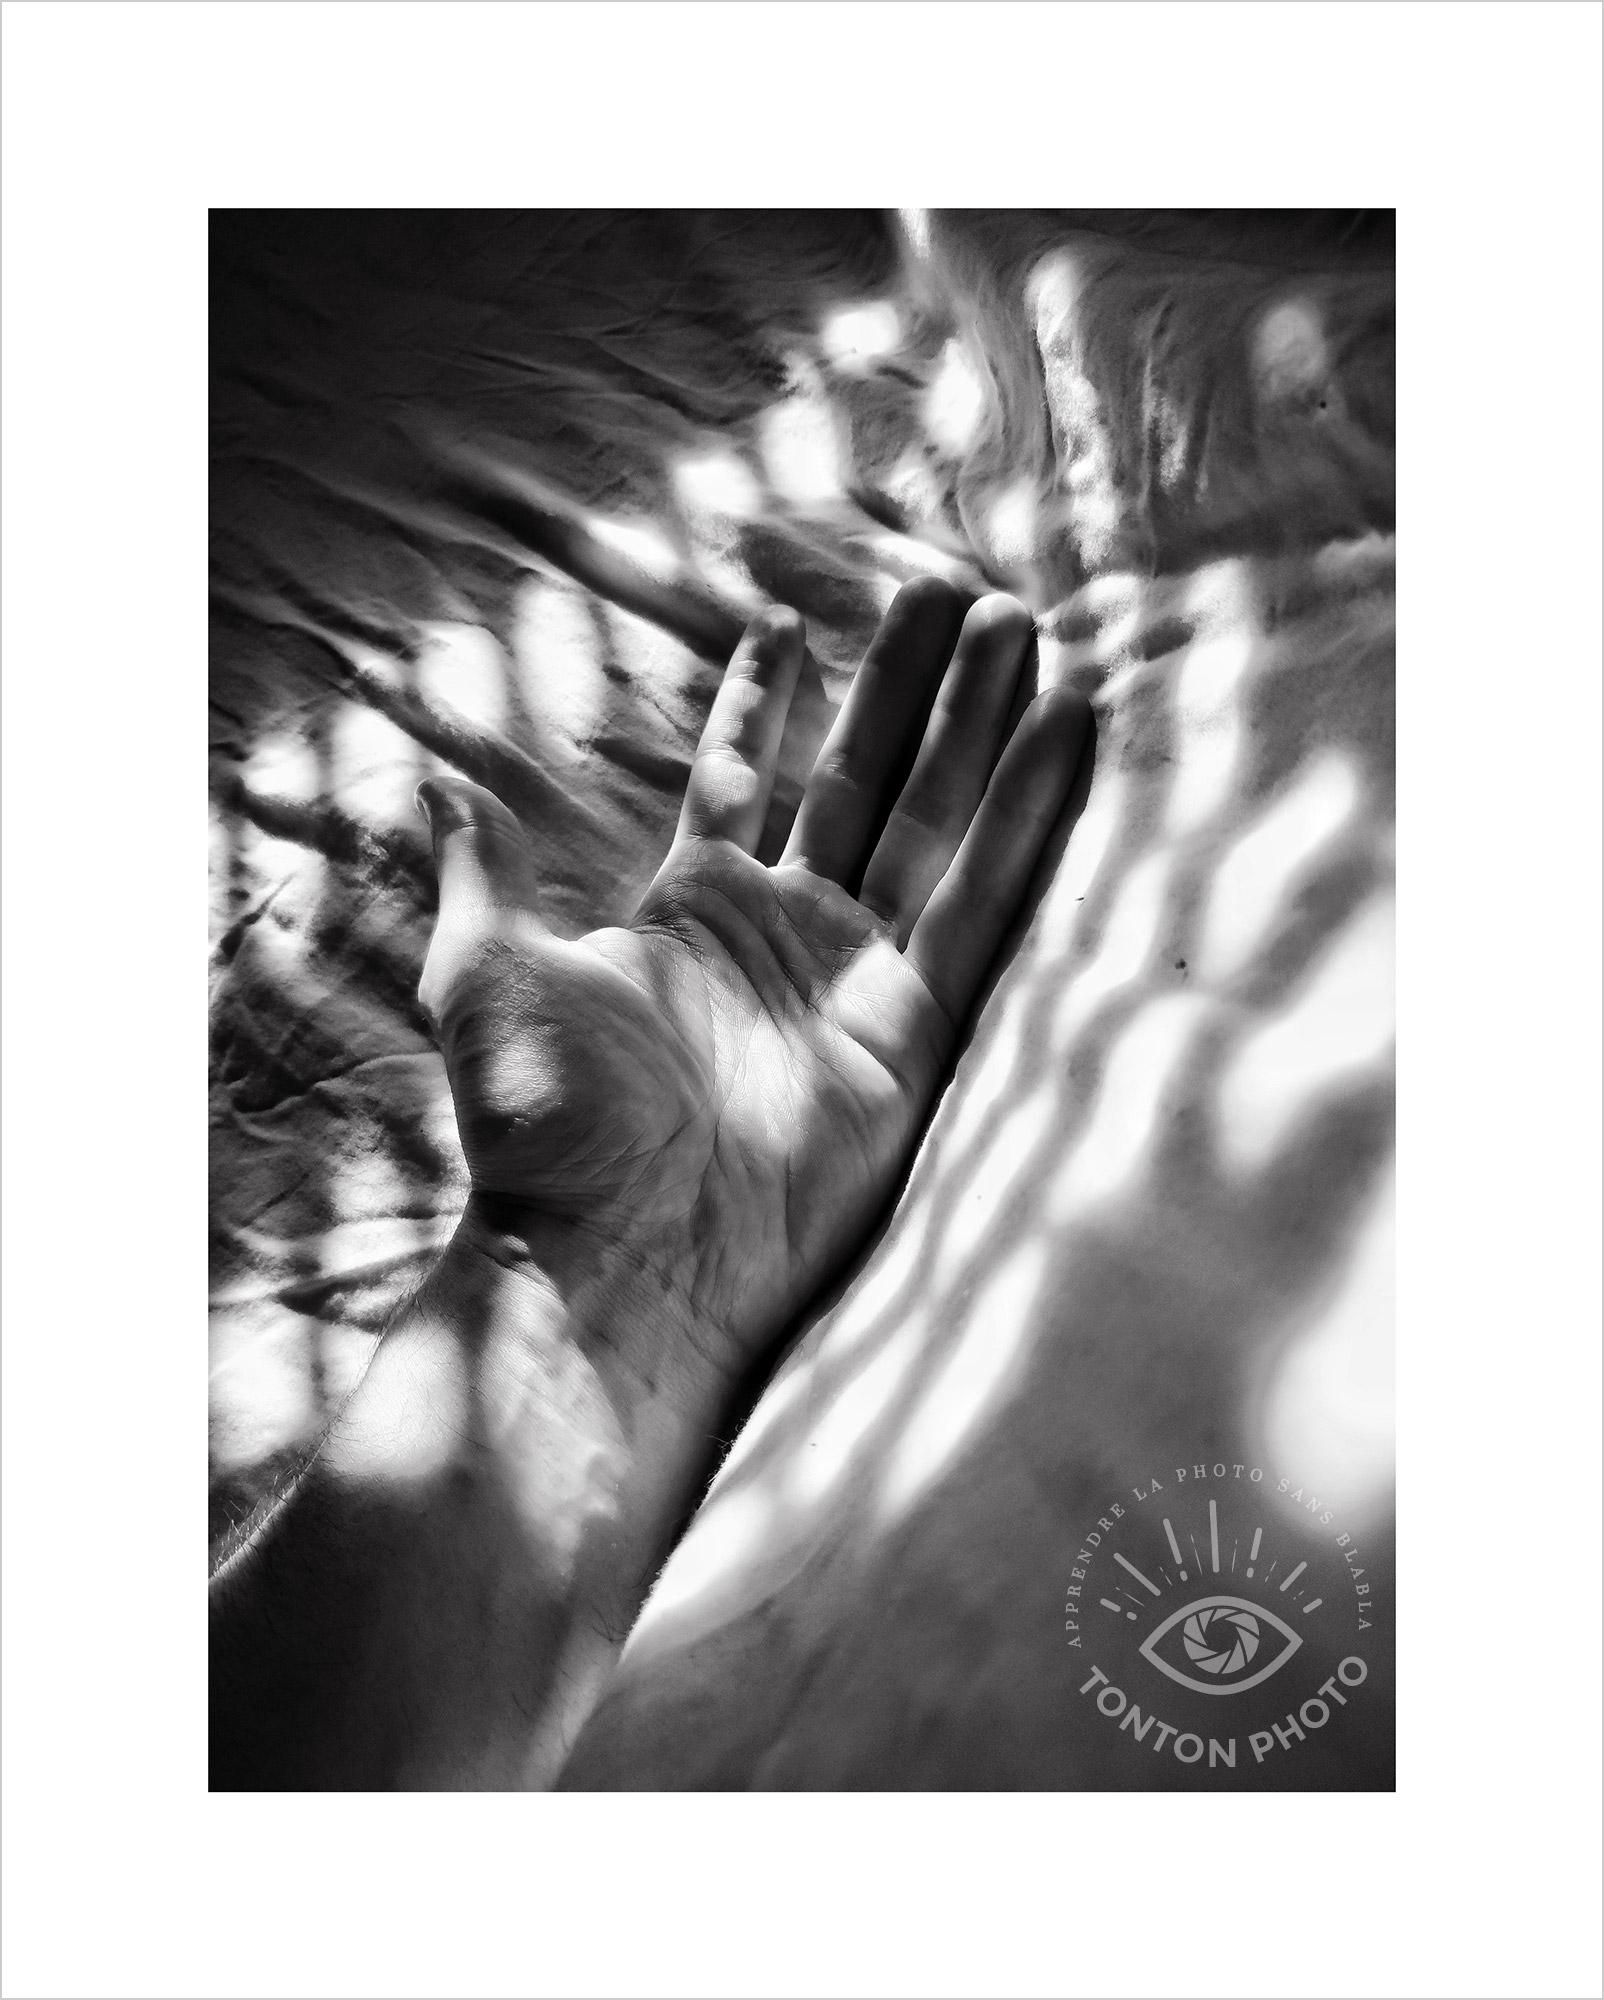 Au lever du jour, jeu d'ombres et lumière sur les draps à travers les volets de la chambre. Photo prise au Smartphone Xiaomi Mi Mix 3 © Tonton Photo